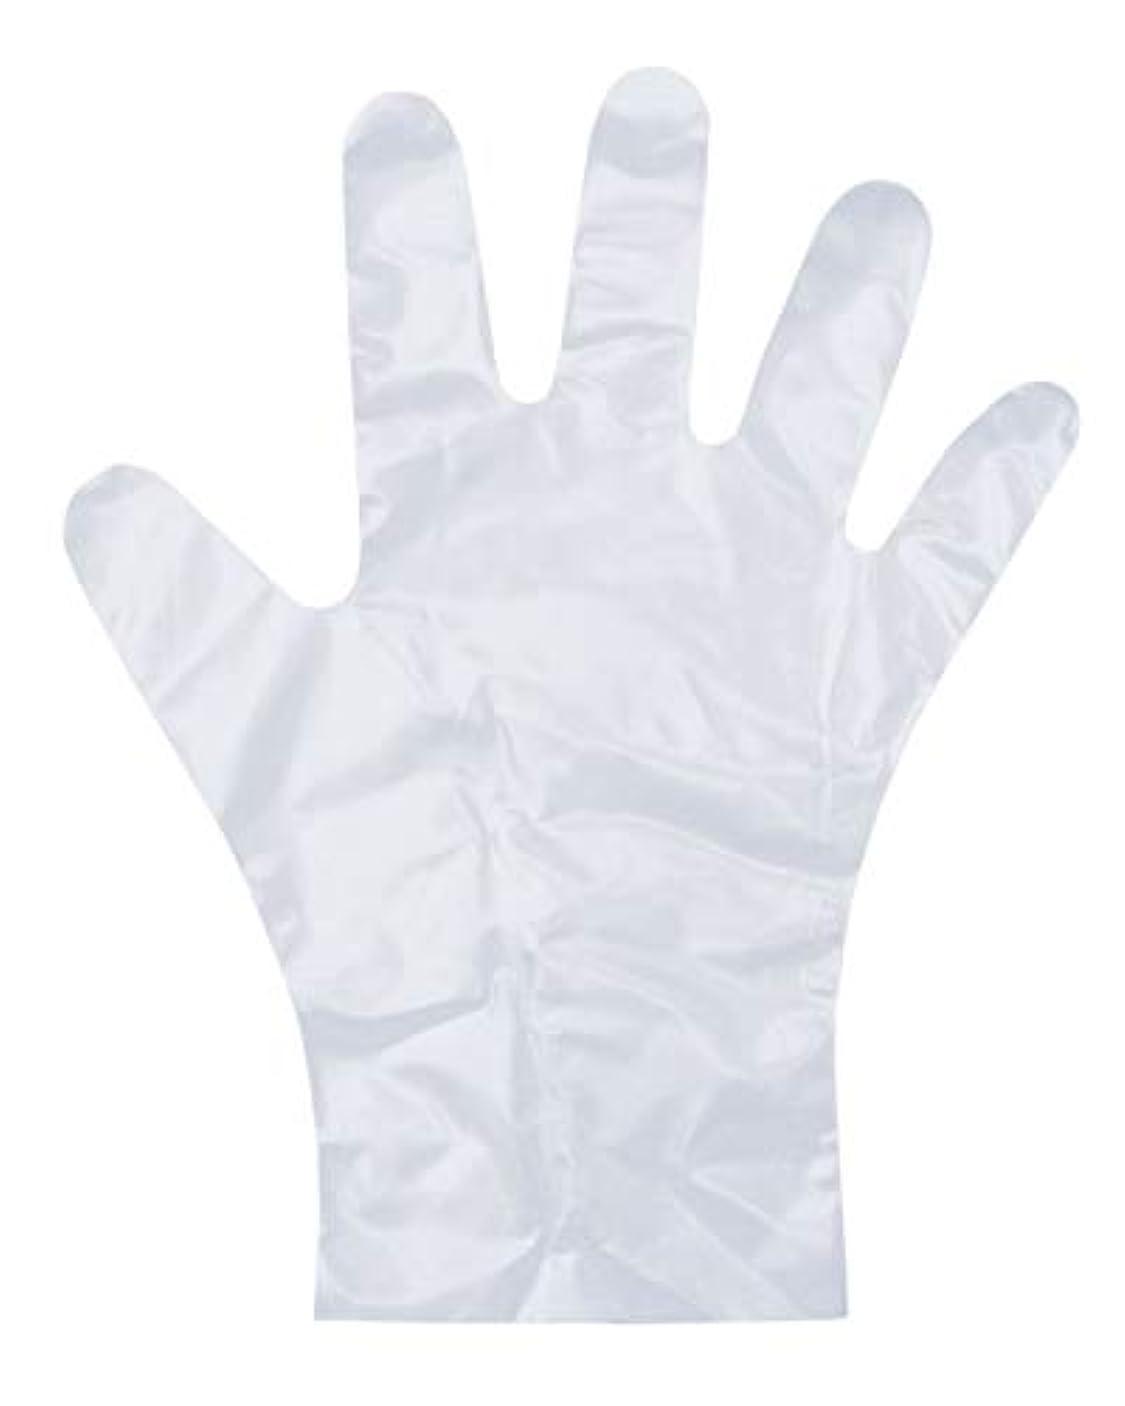 ガウン蜜簡単にダンロップ ホームプロダクツ ポリエチレン手袋 使い捨て エンボス 半透明 S 調理 掃除 洗濯 介護 毛染め PD-110 100枚入